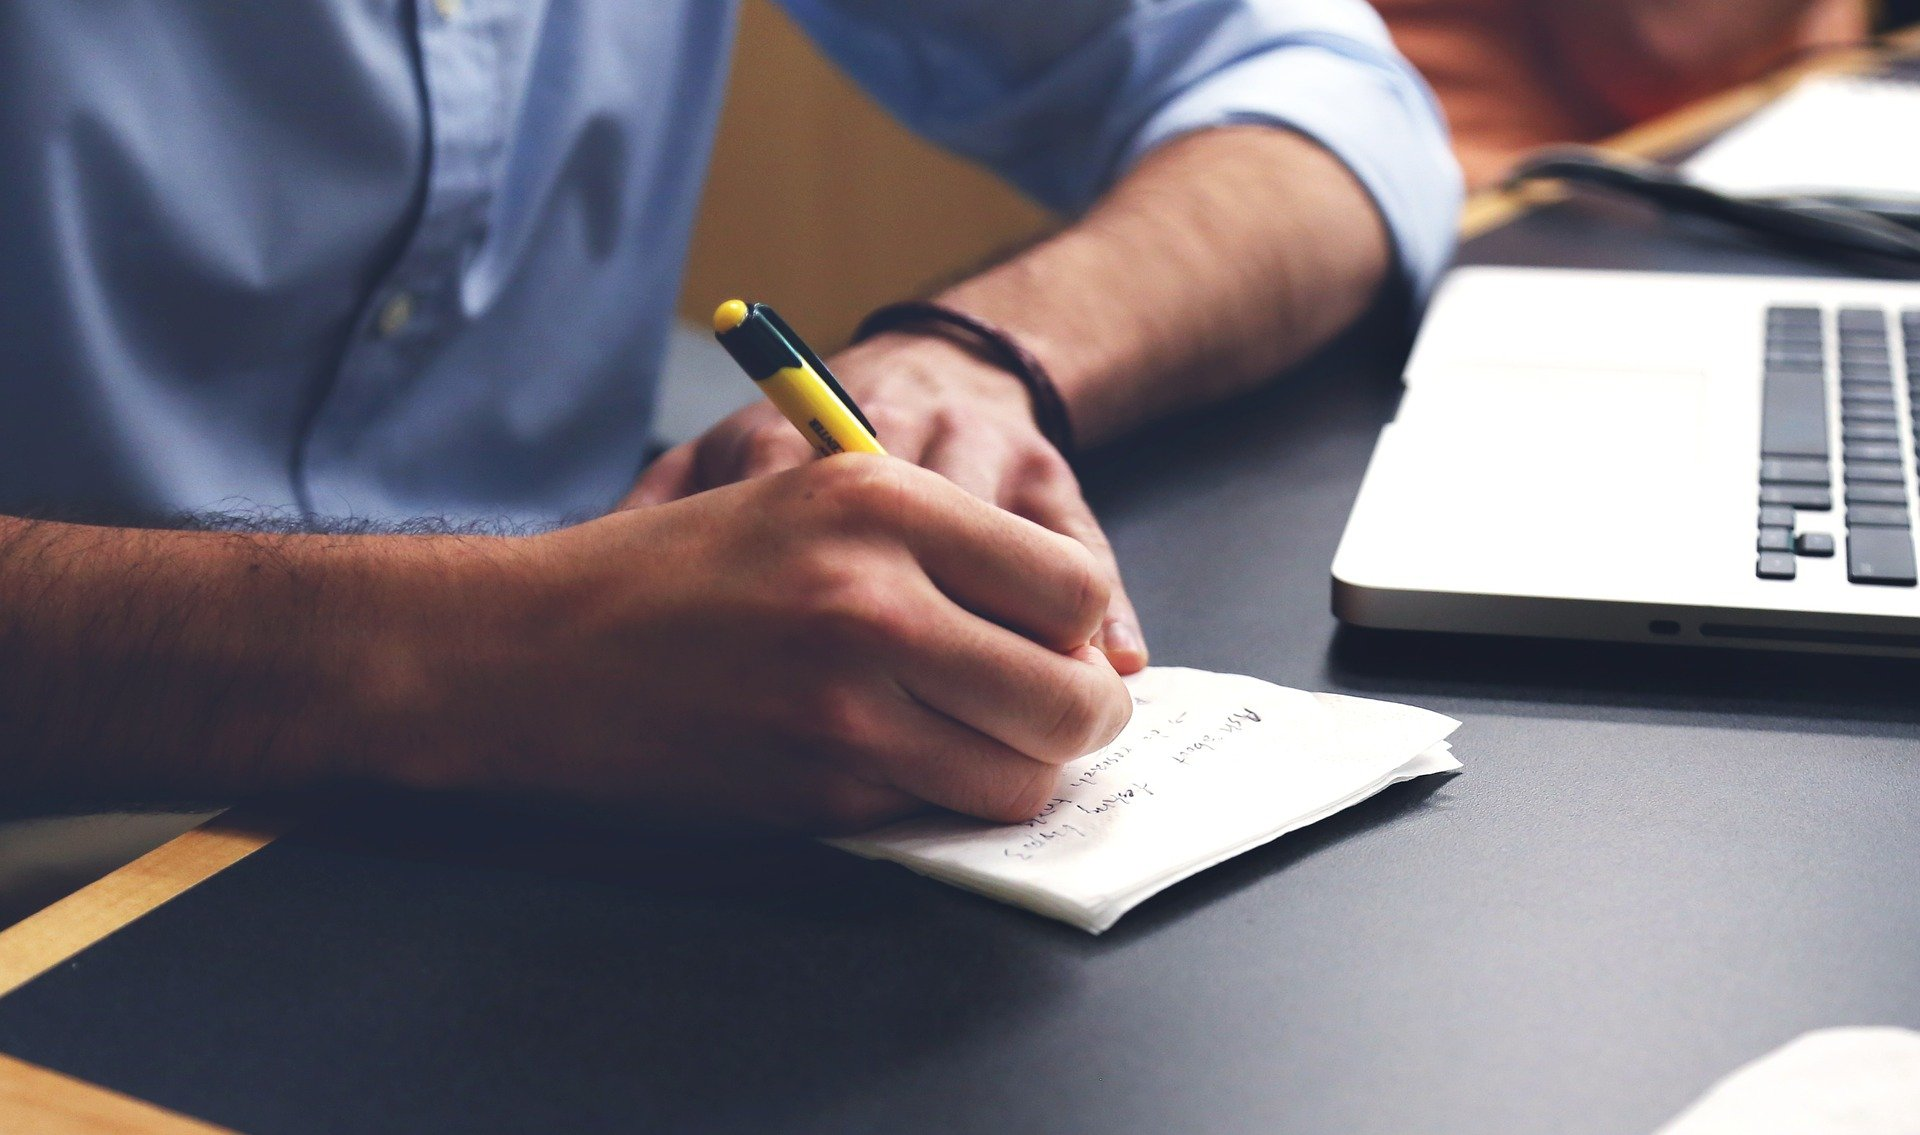 O mestrado acadêmico incentiva o discente a repassar diretamente seus conhecimentos (Fonte: StartupStockPhotos/Pixabay)